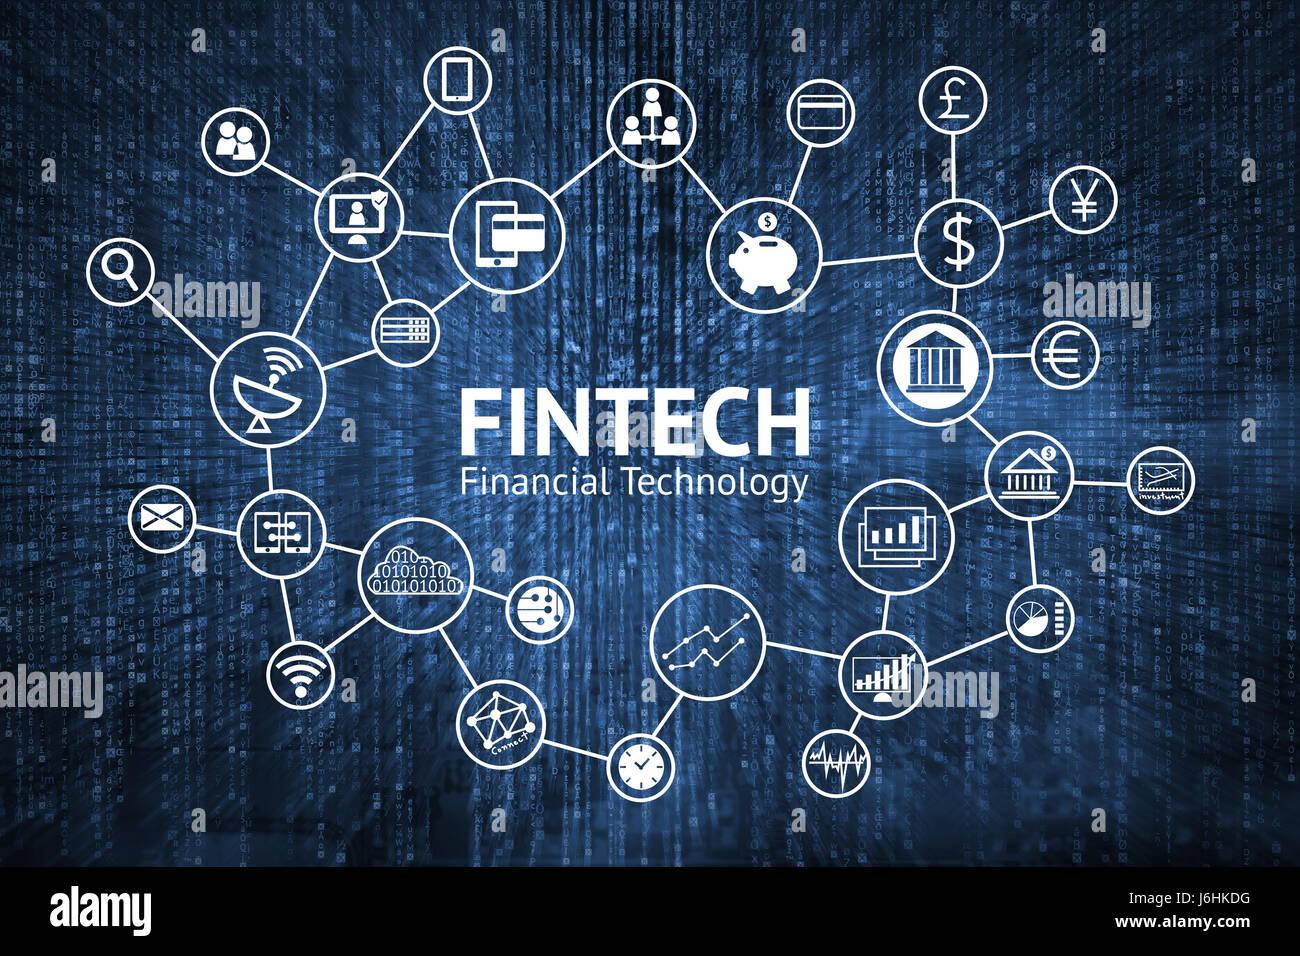 Fintech concetto Internet. il testo e gli investimenti finanziari le icone di tecnologia con matrice blu sfondo Immagini Stock